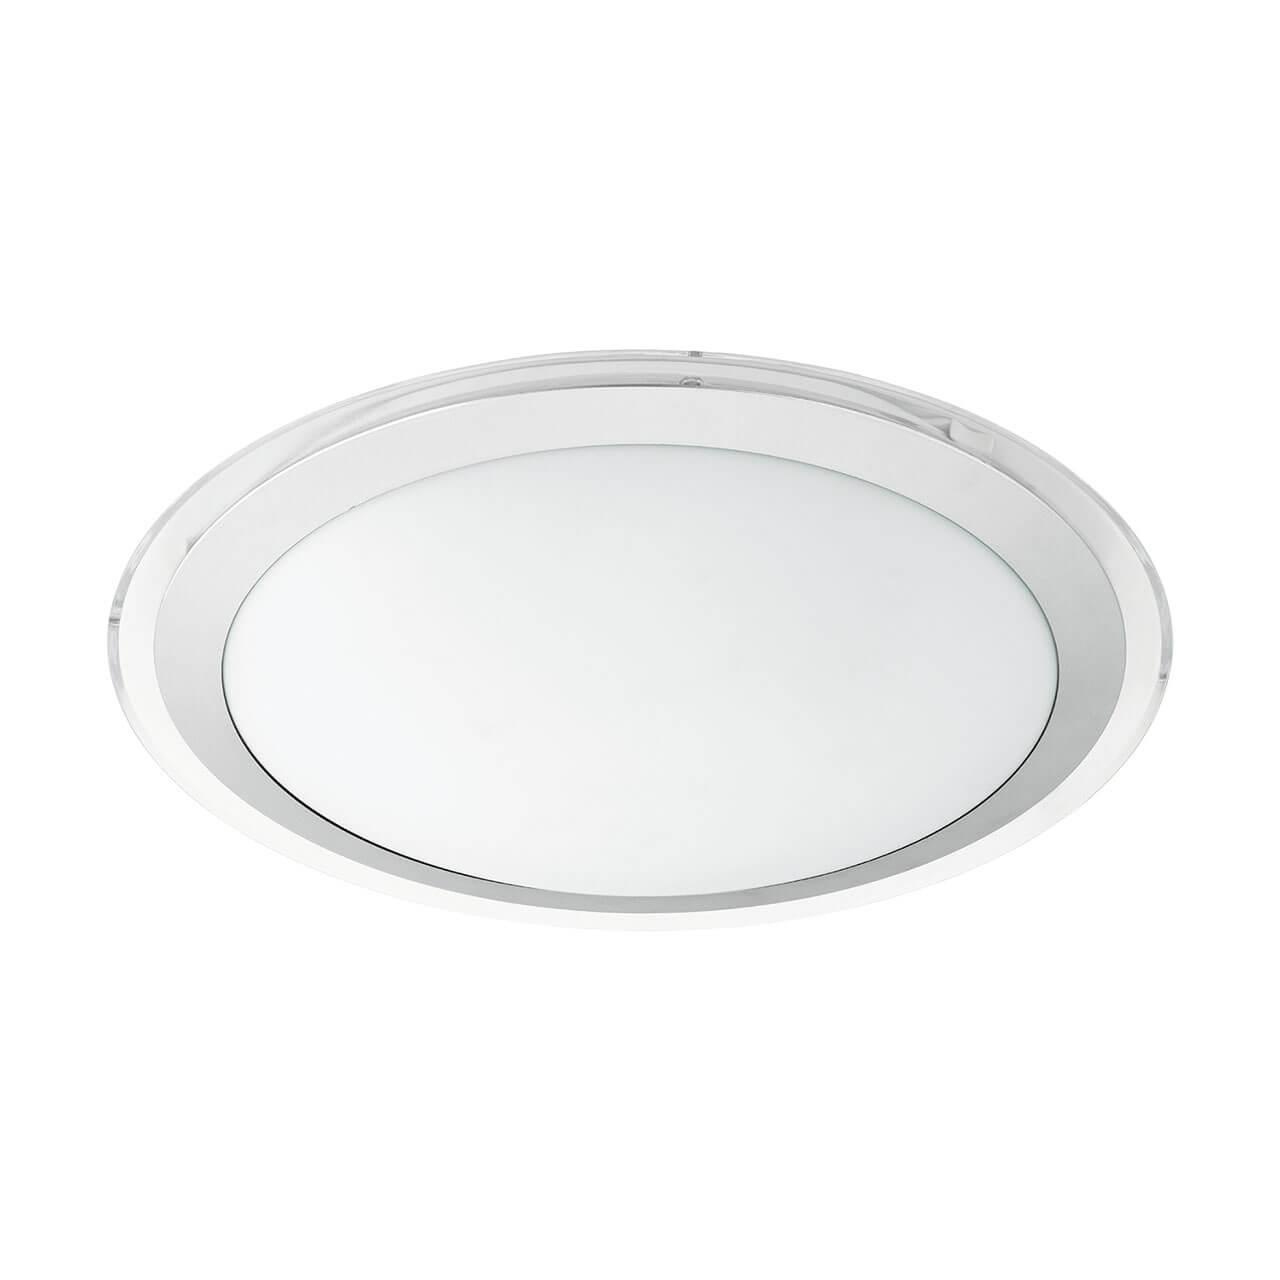 Накладной светильник Eglo 96818, LED, 17 Вт